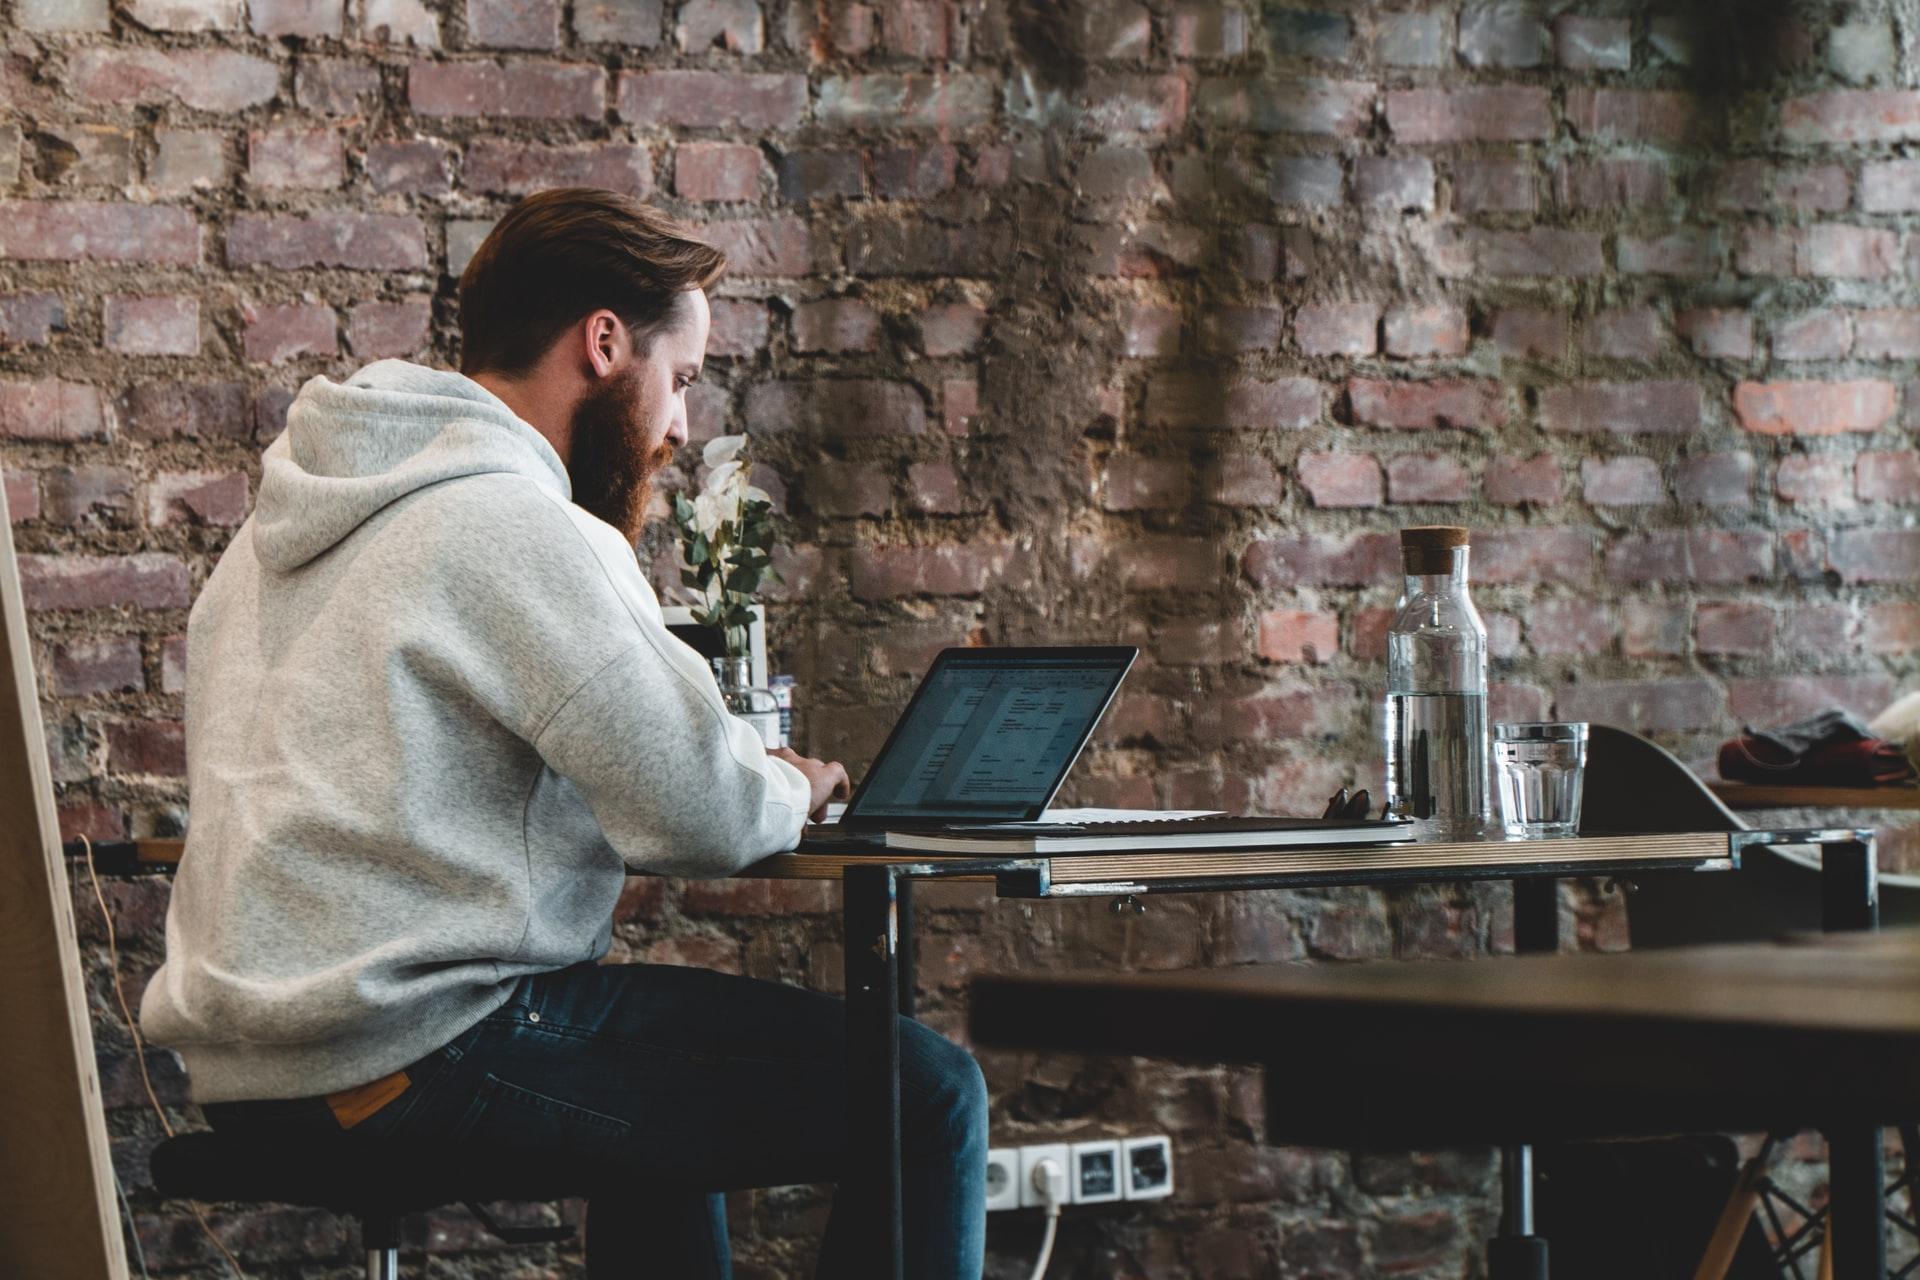 trabalho remoto aumenta a produtividade